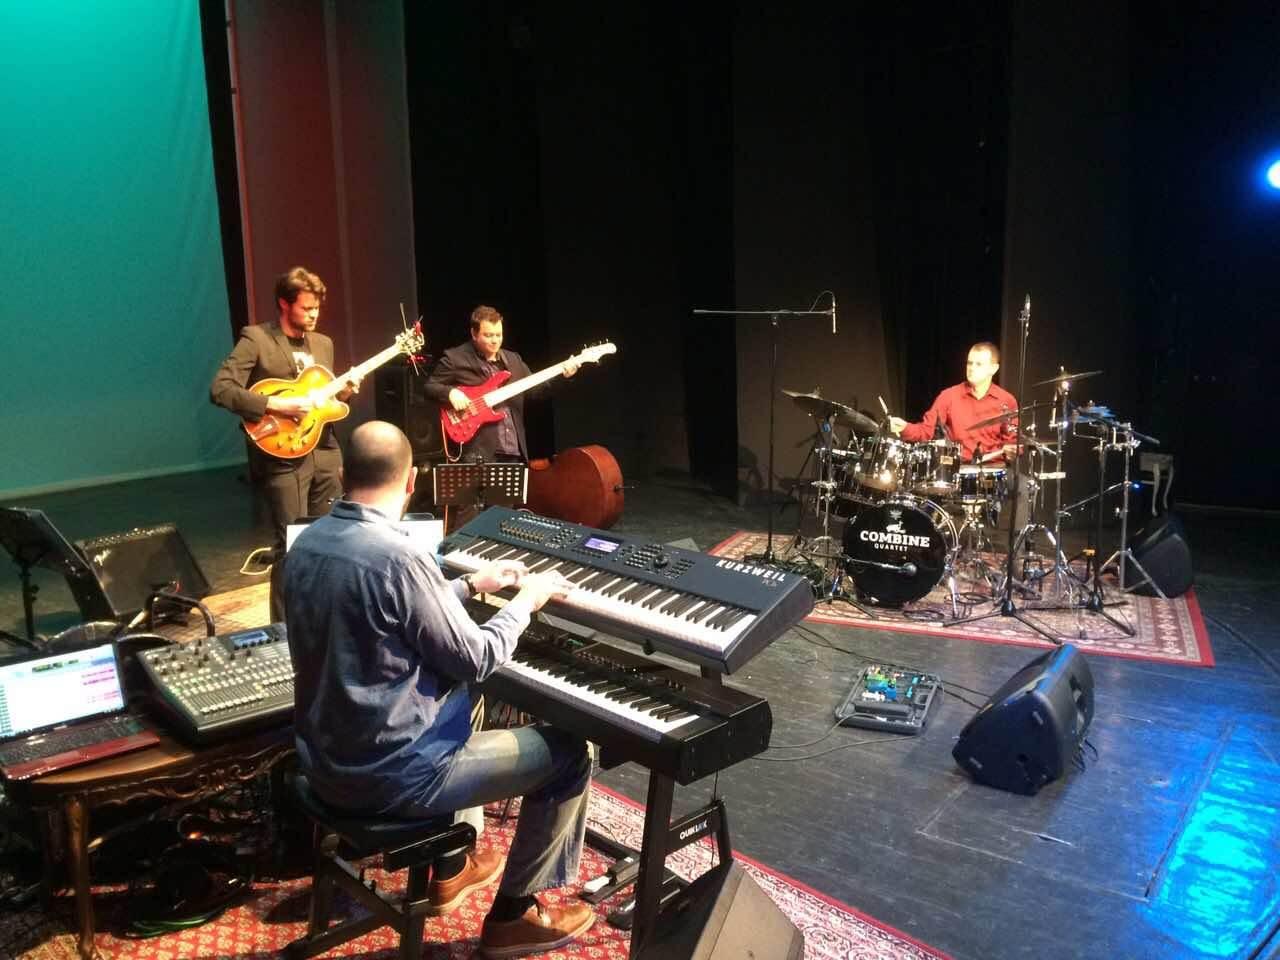 Combine Quartet